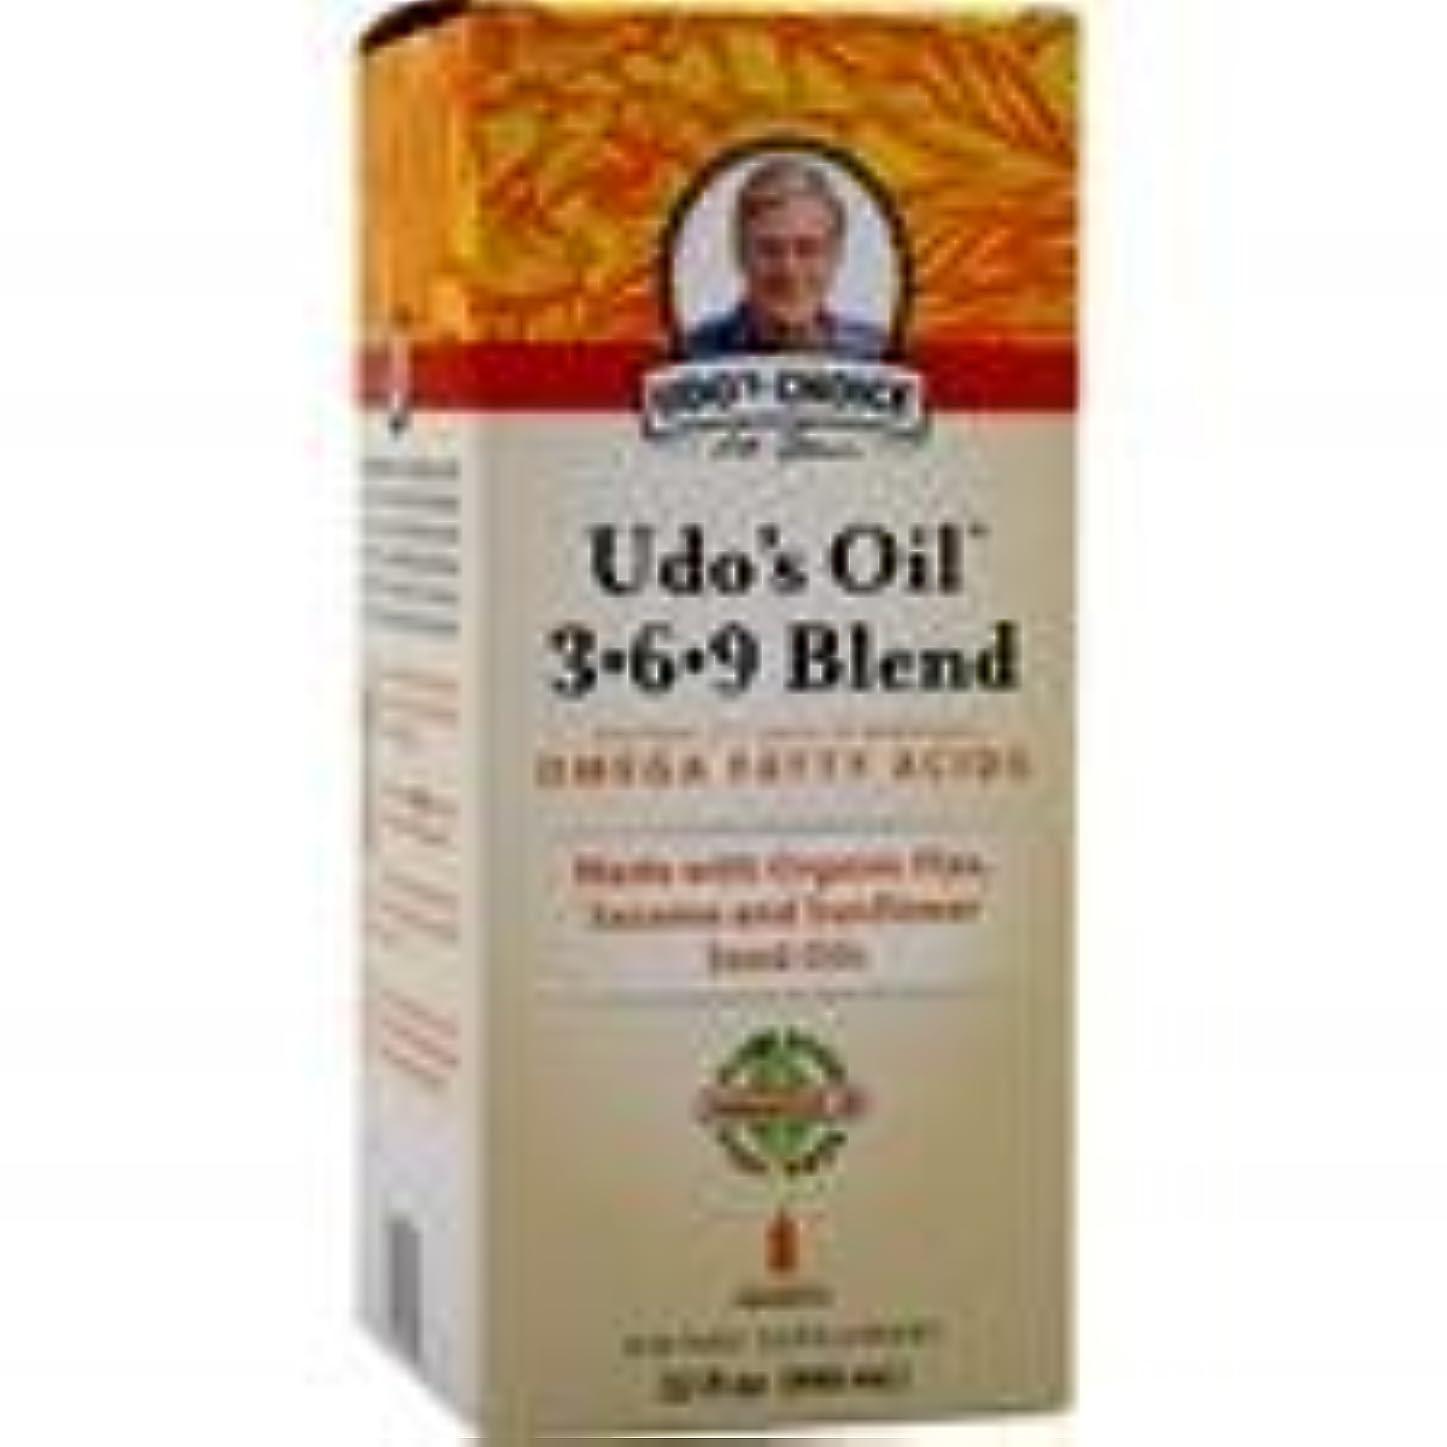 枯渇逃げる大邸宅Udo's Oil 3-6-9 Blend Liquid 32 fl.oz 4個パック